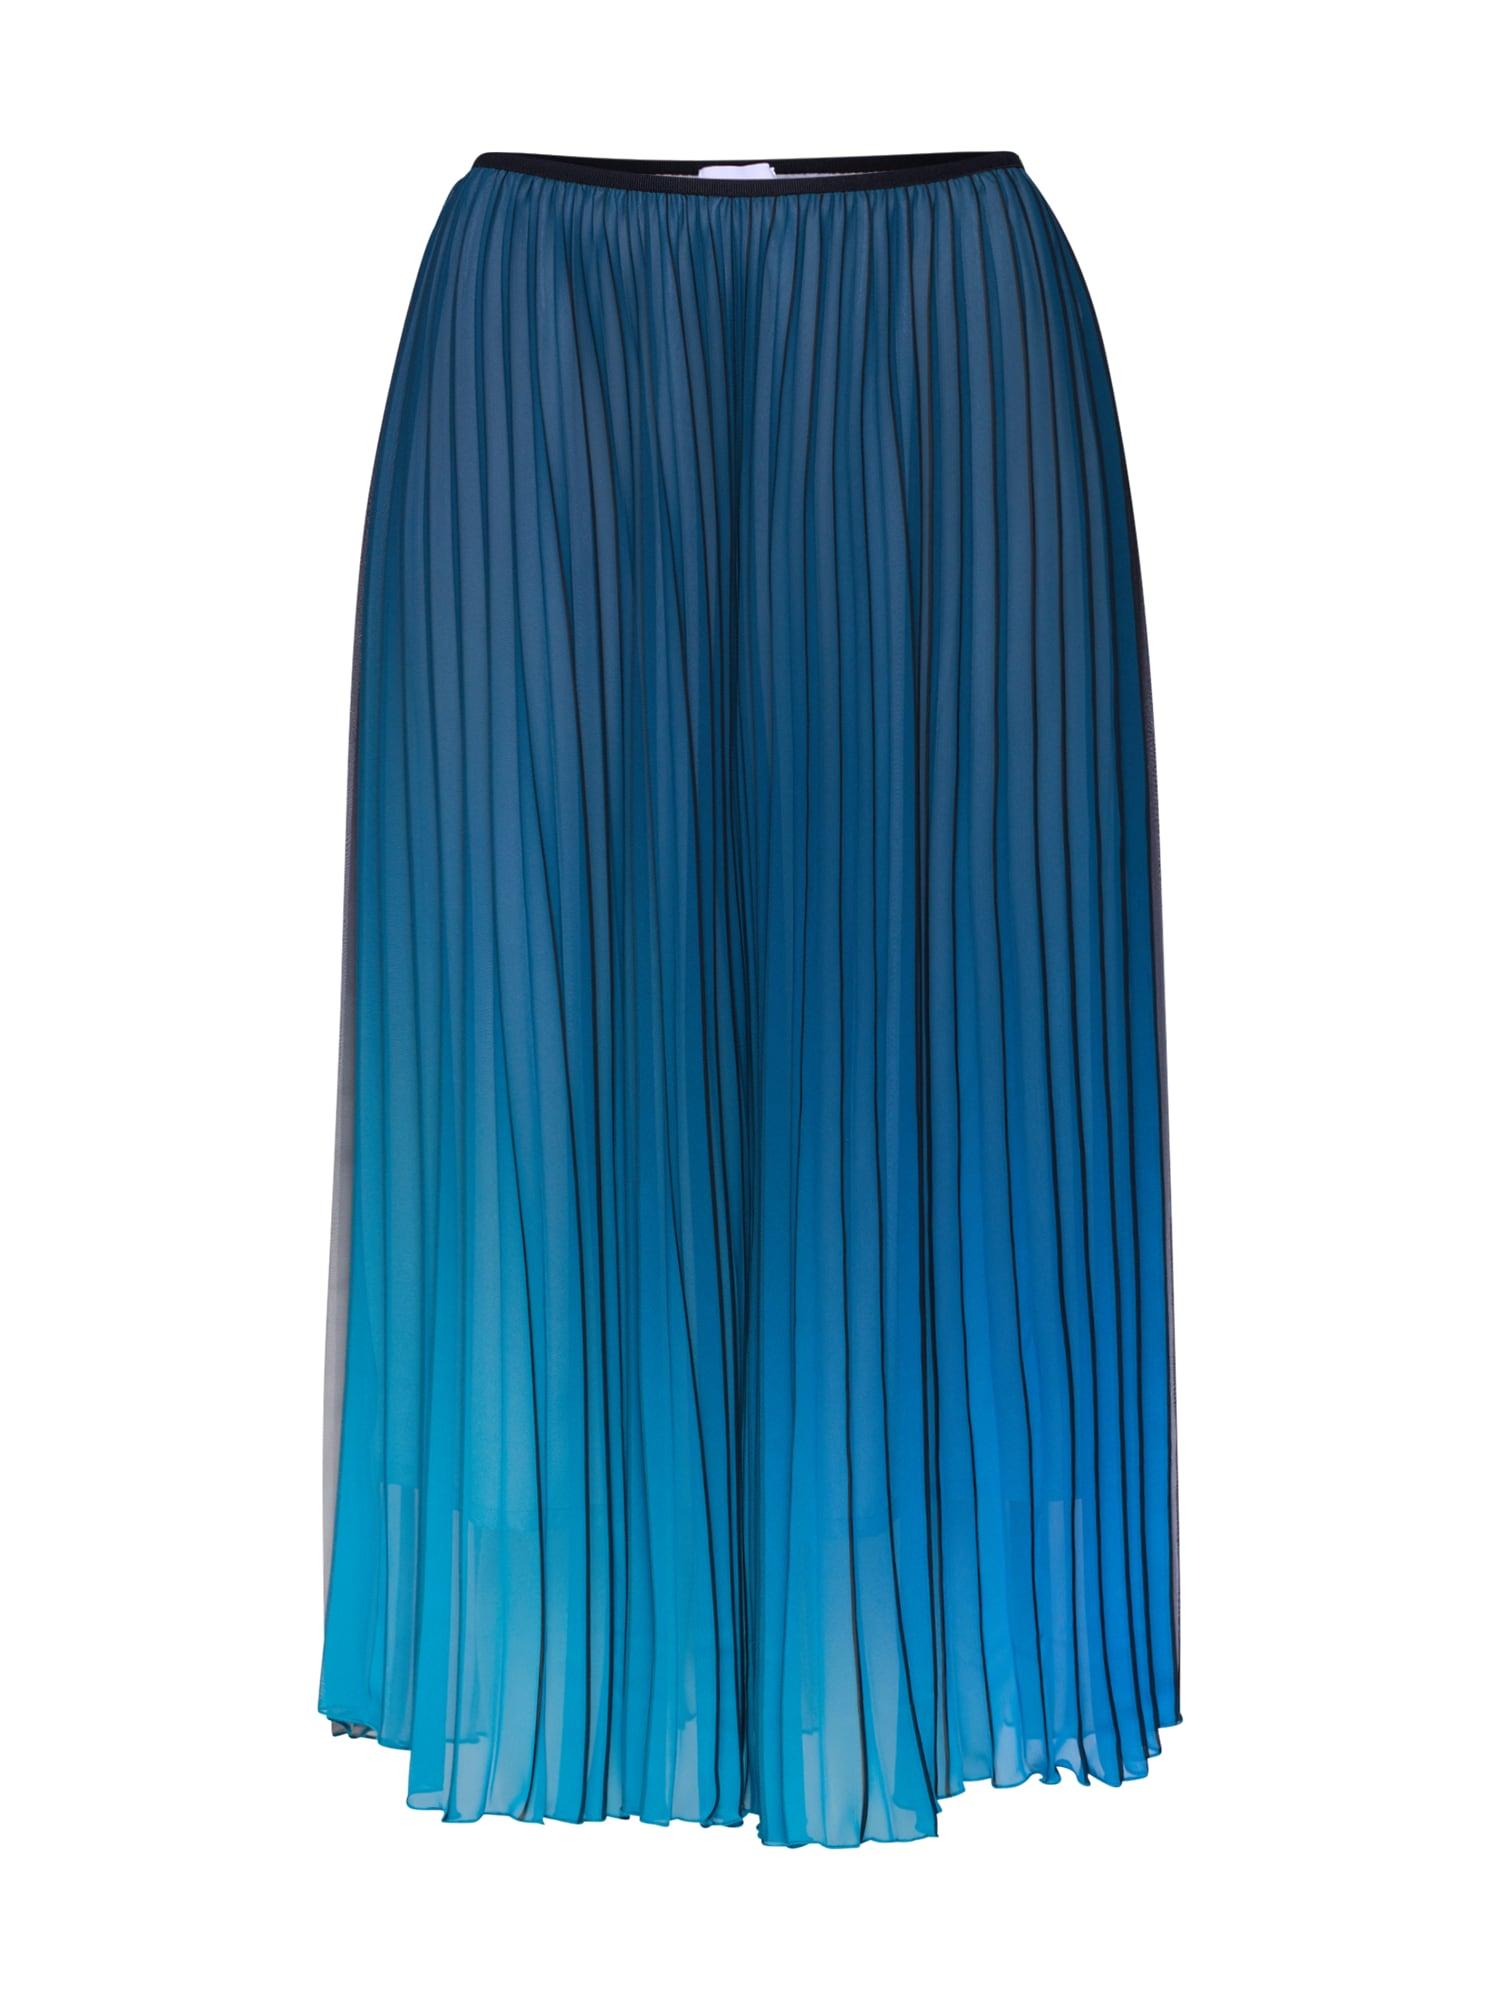 Sukně R601S modrá šedá RENÉ LEZARD